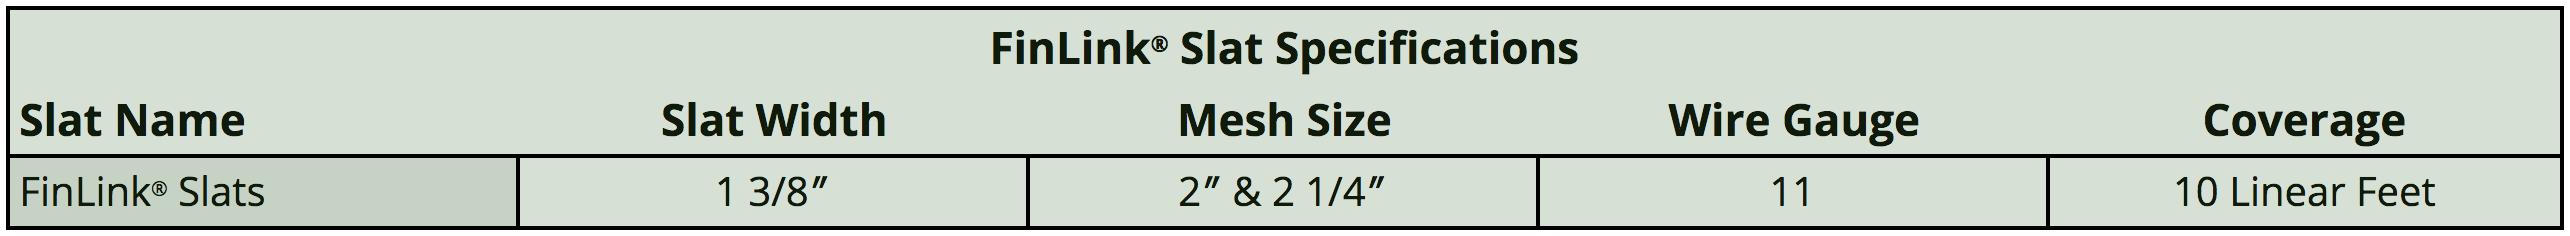 finlink slat specifications